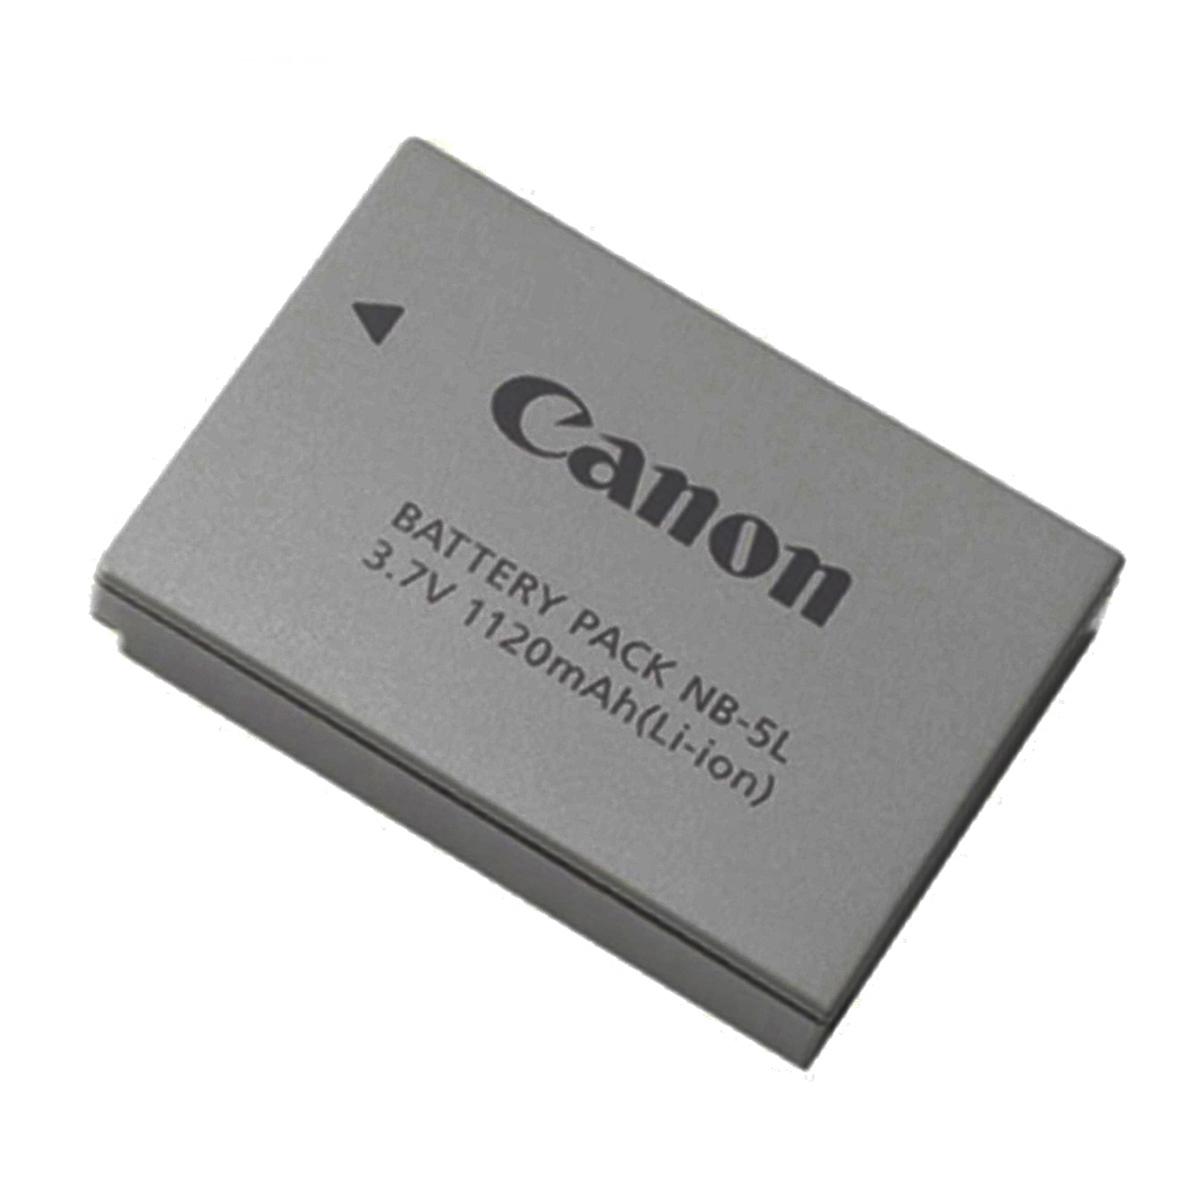 قیمت و خرید باتری دوربین کانن مدل Canon NB-5L